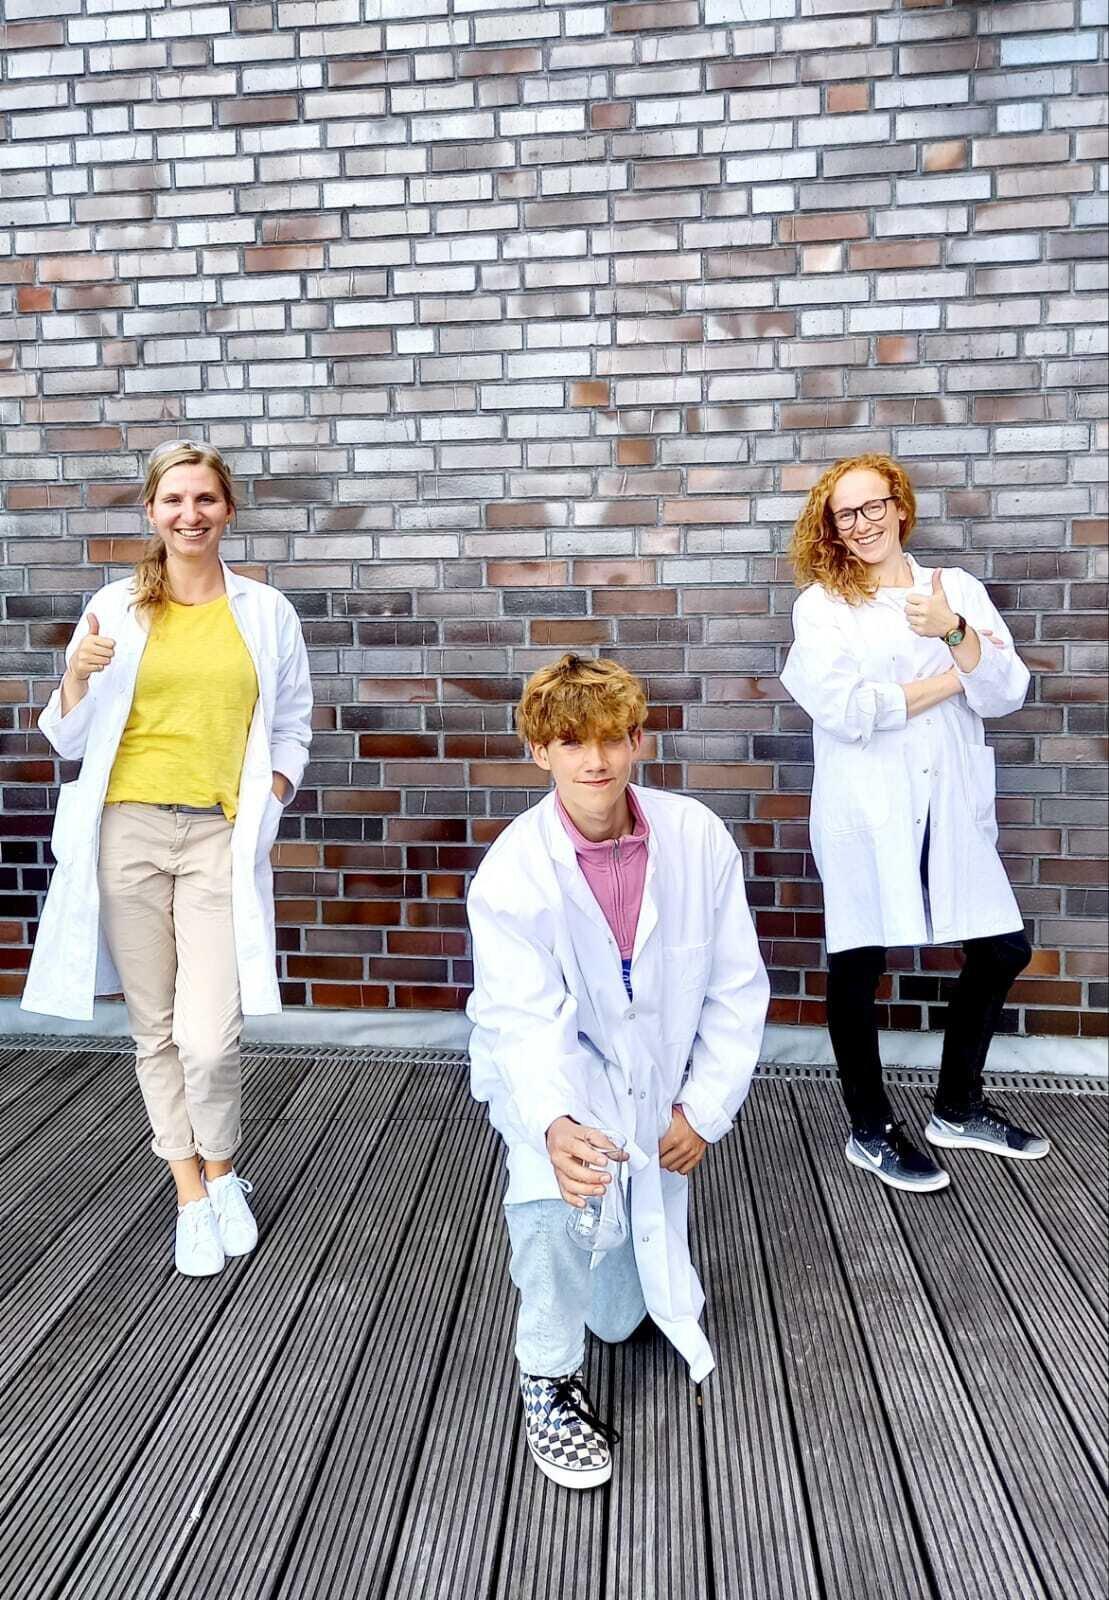 Foto v.l.n.r.: Frau Grundmann, Kjell Ehring (10f), Frau Becker